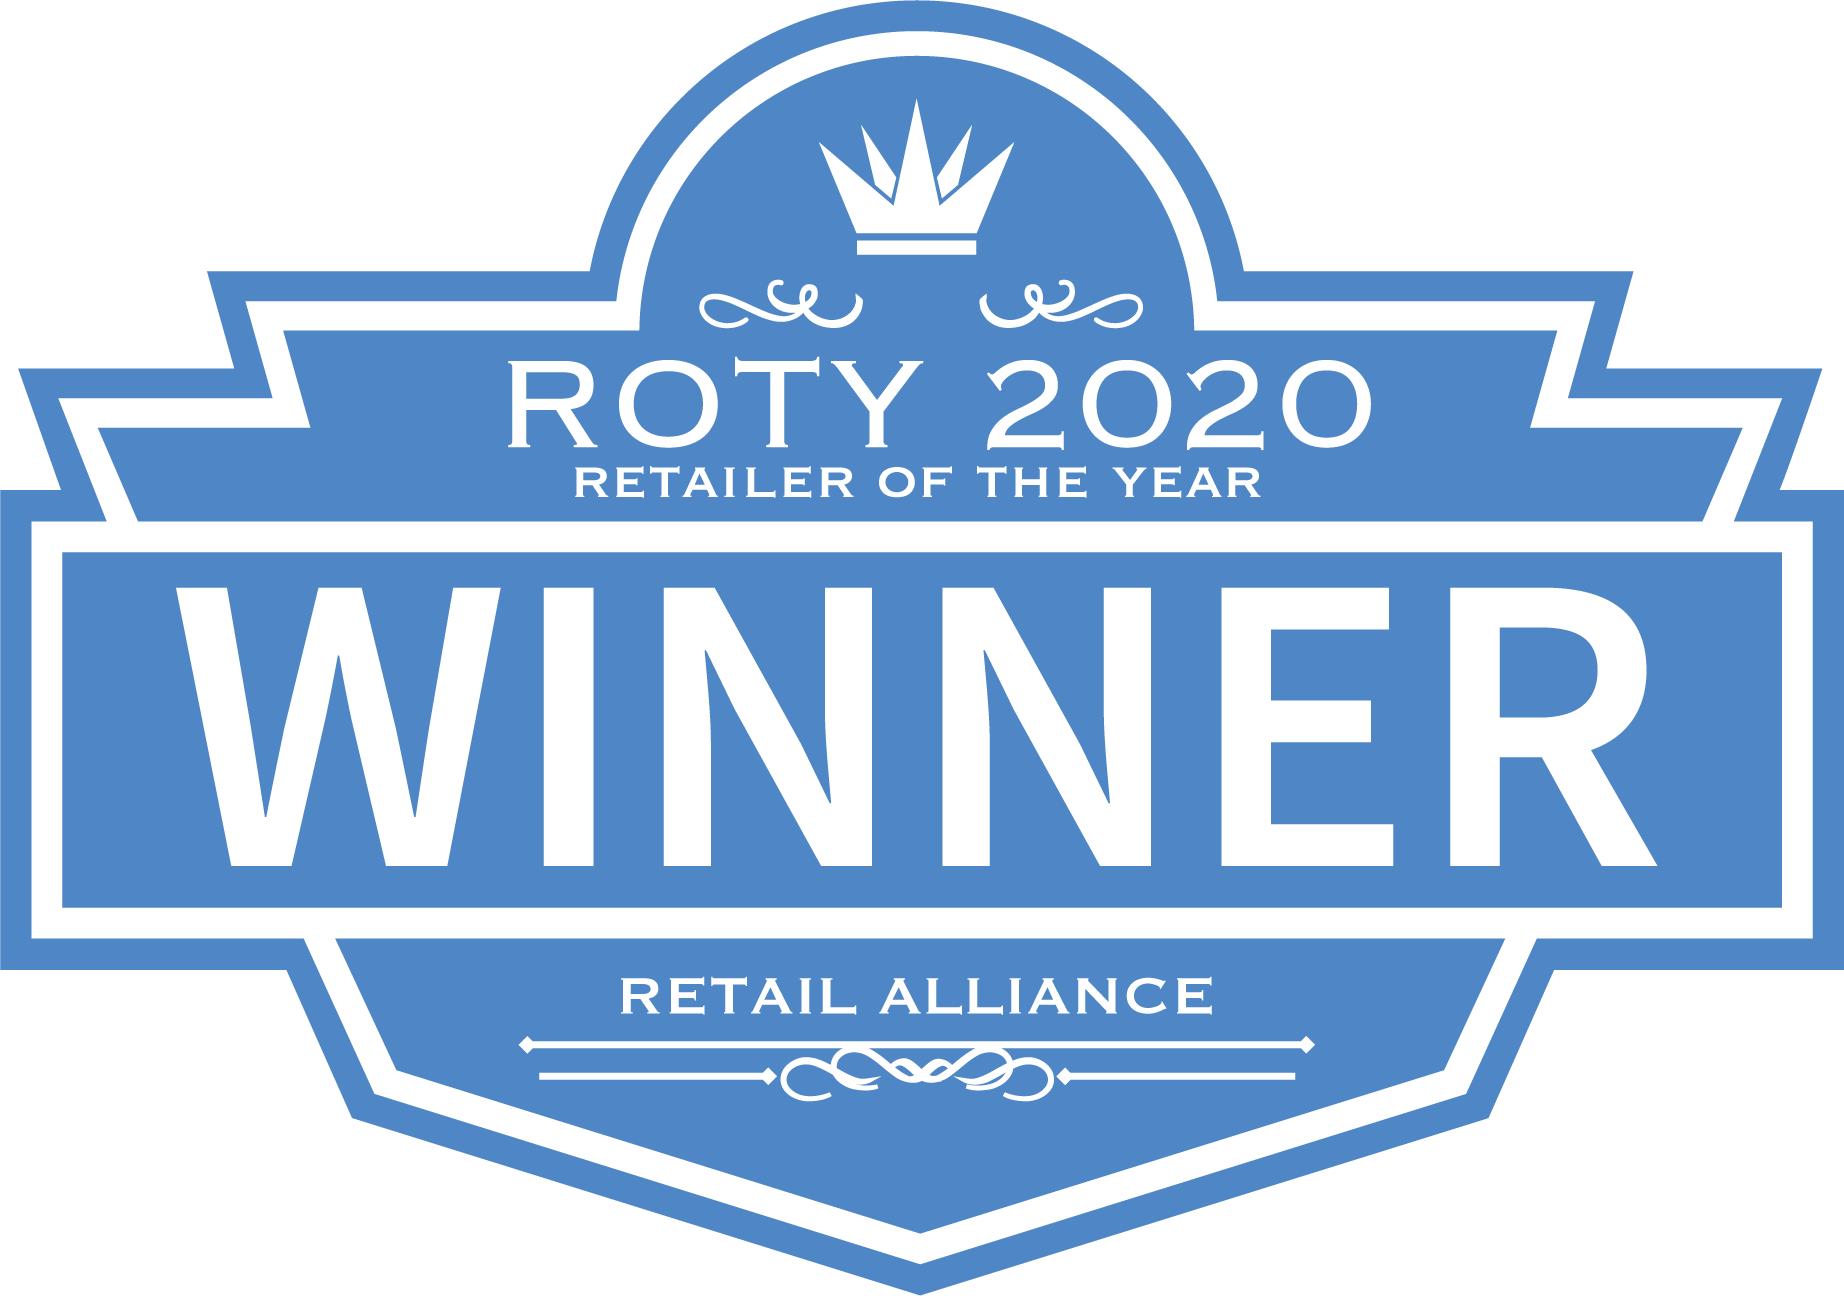 ROTY 2020 award logo